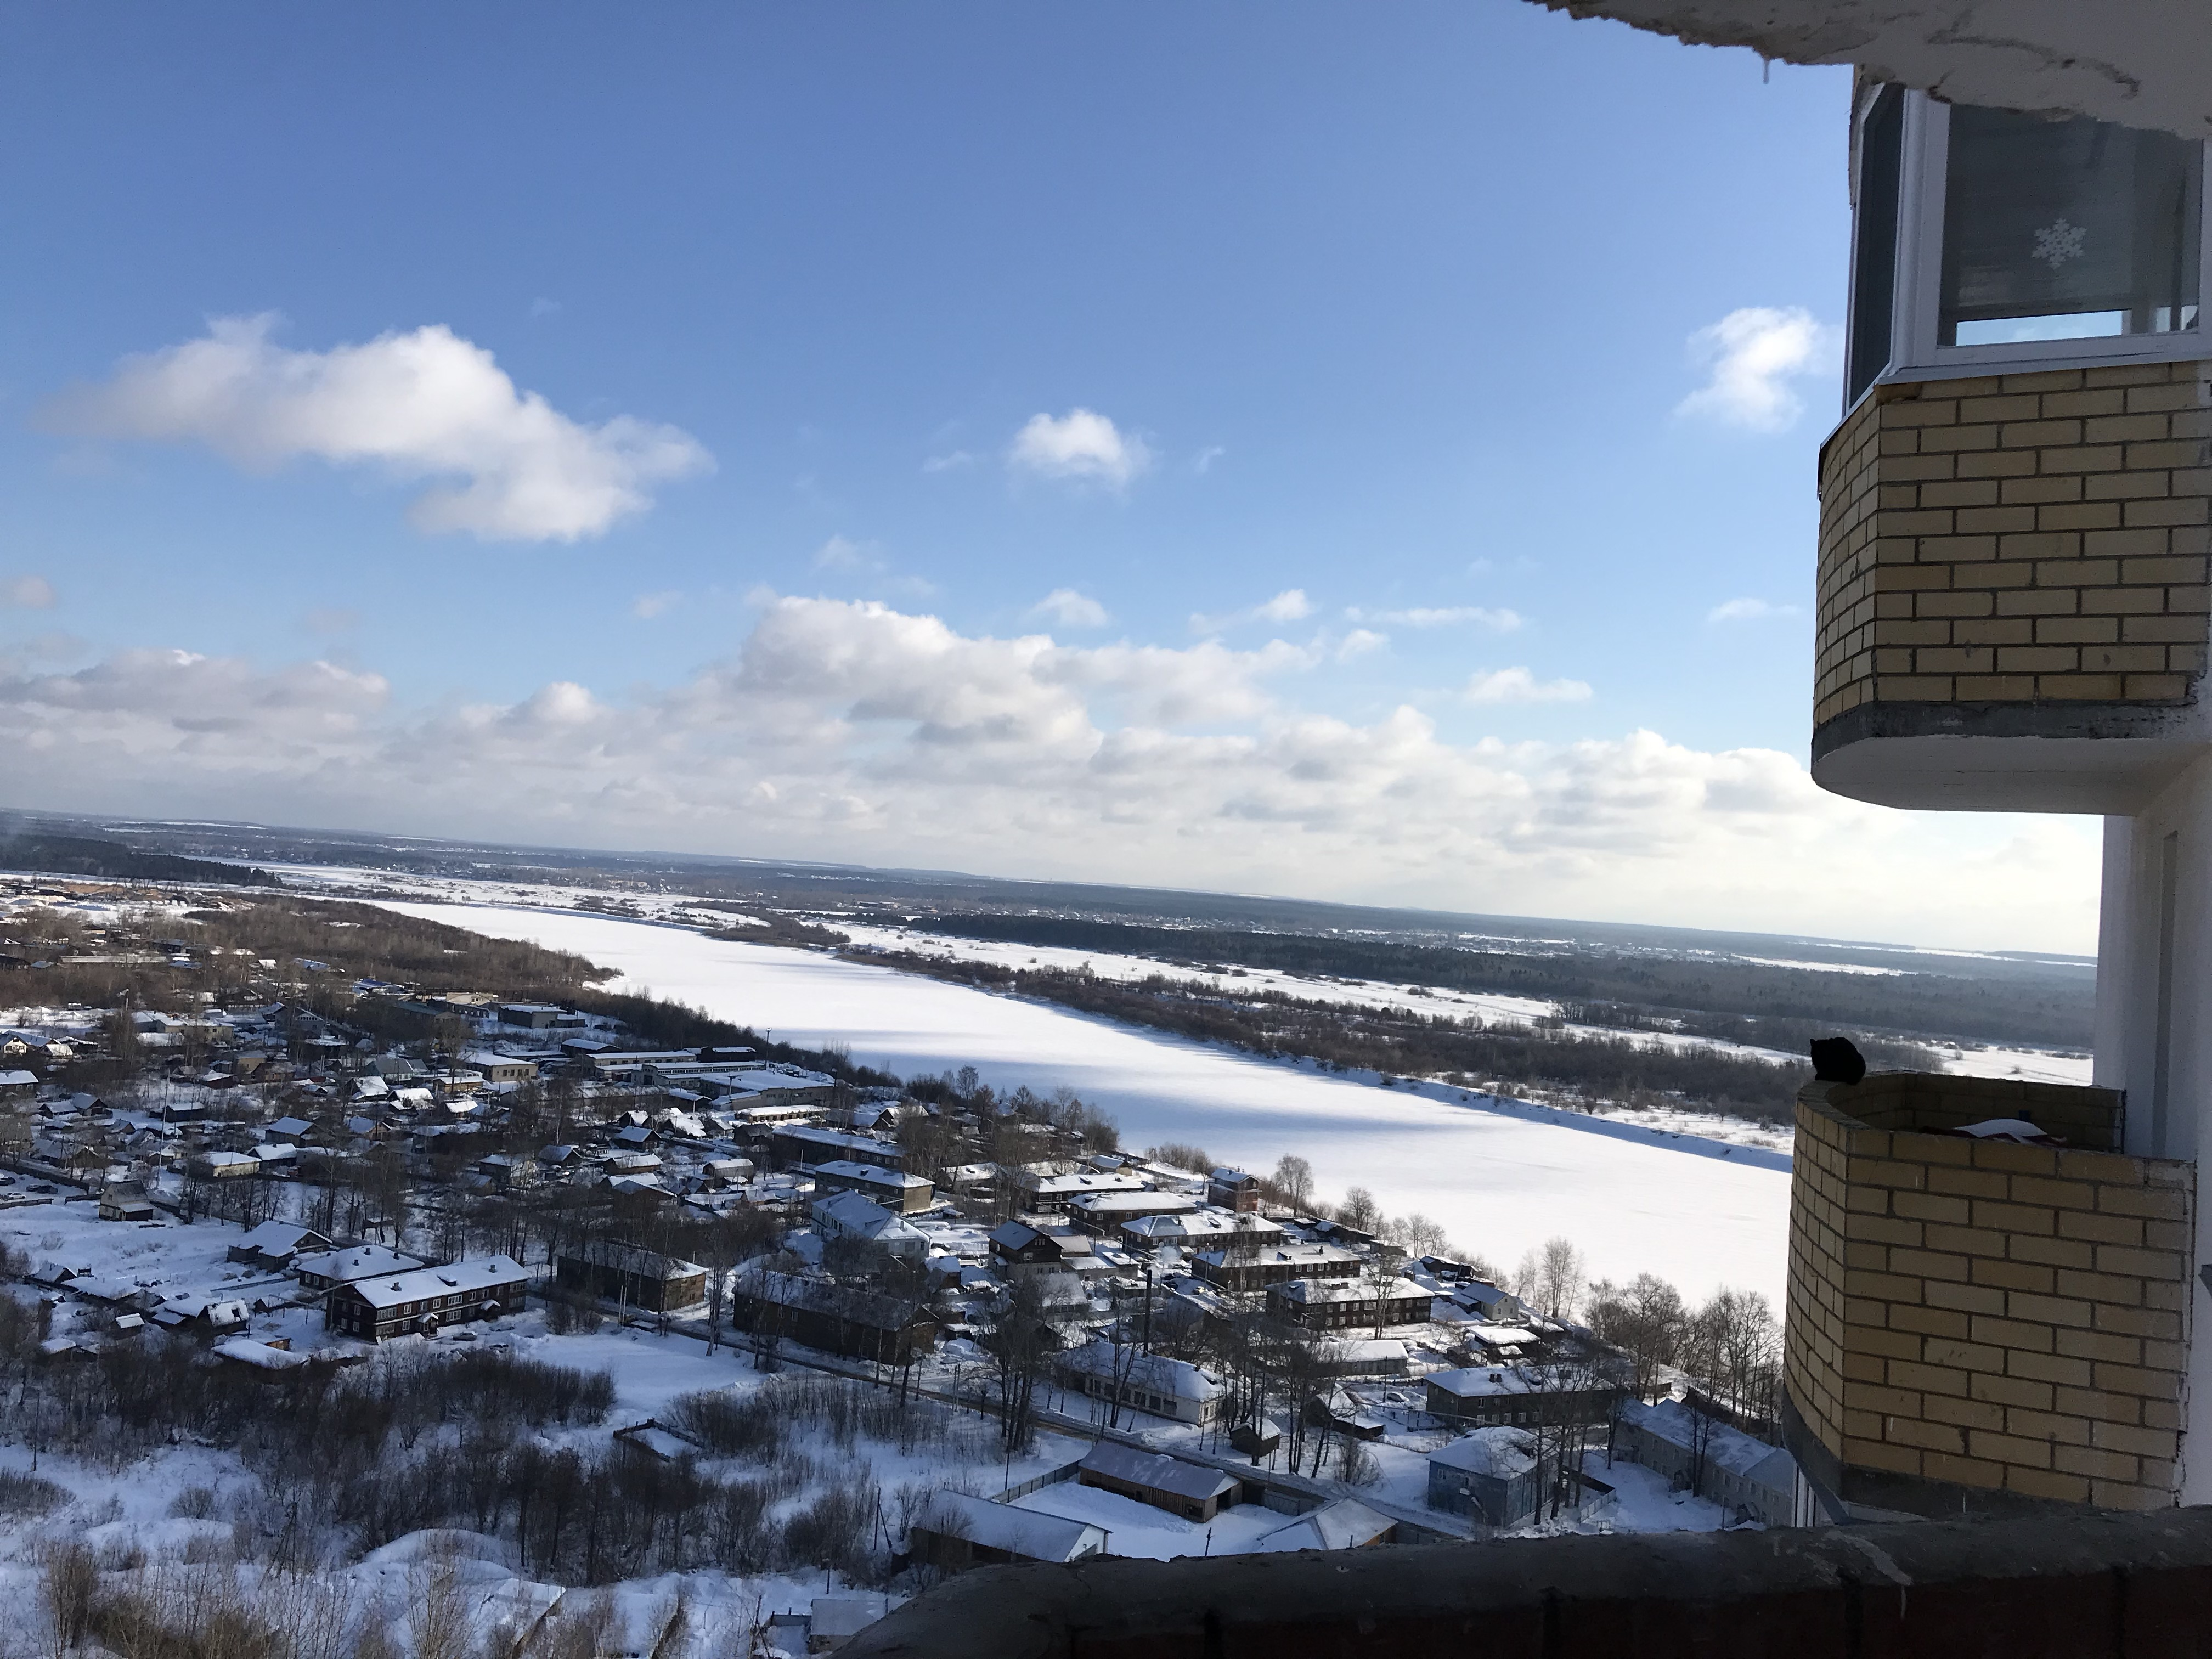 Средний апрель, или чего наобещали синоптики жителям Кировской области